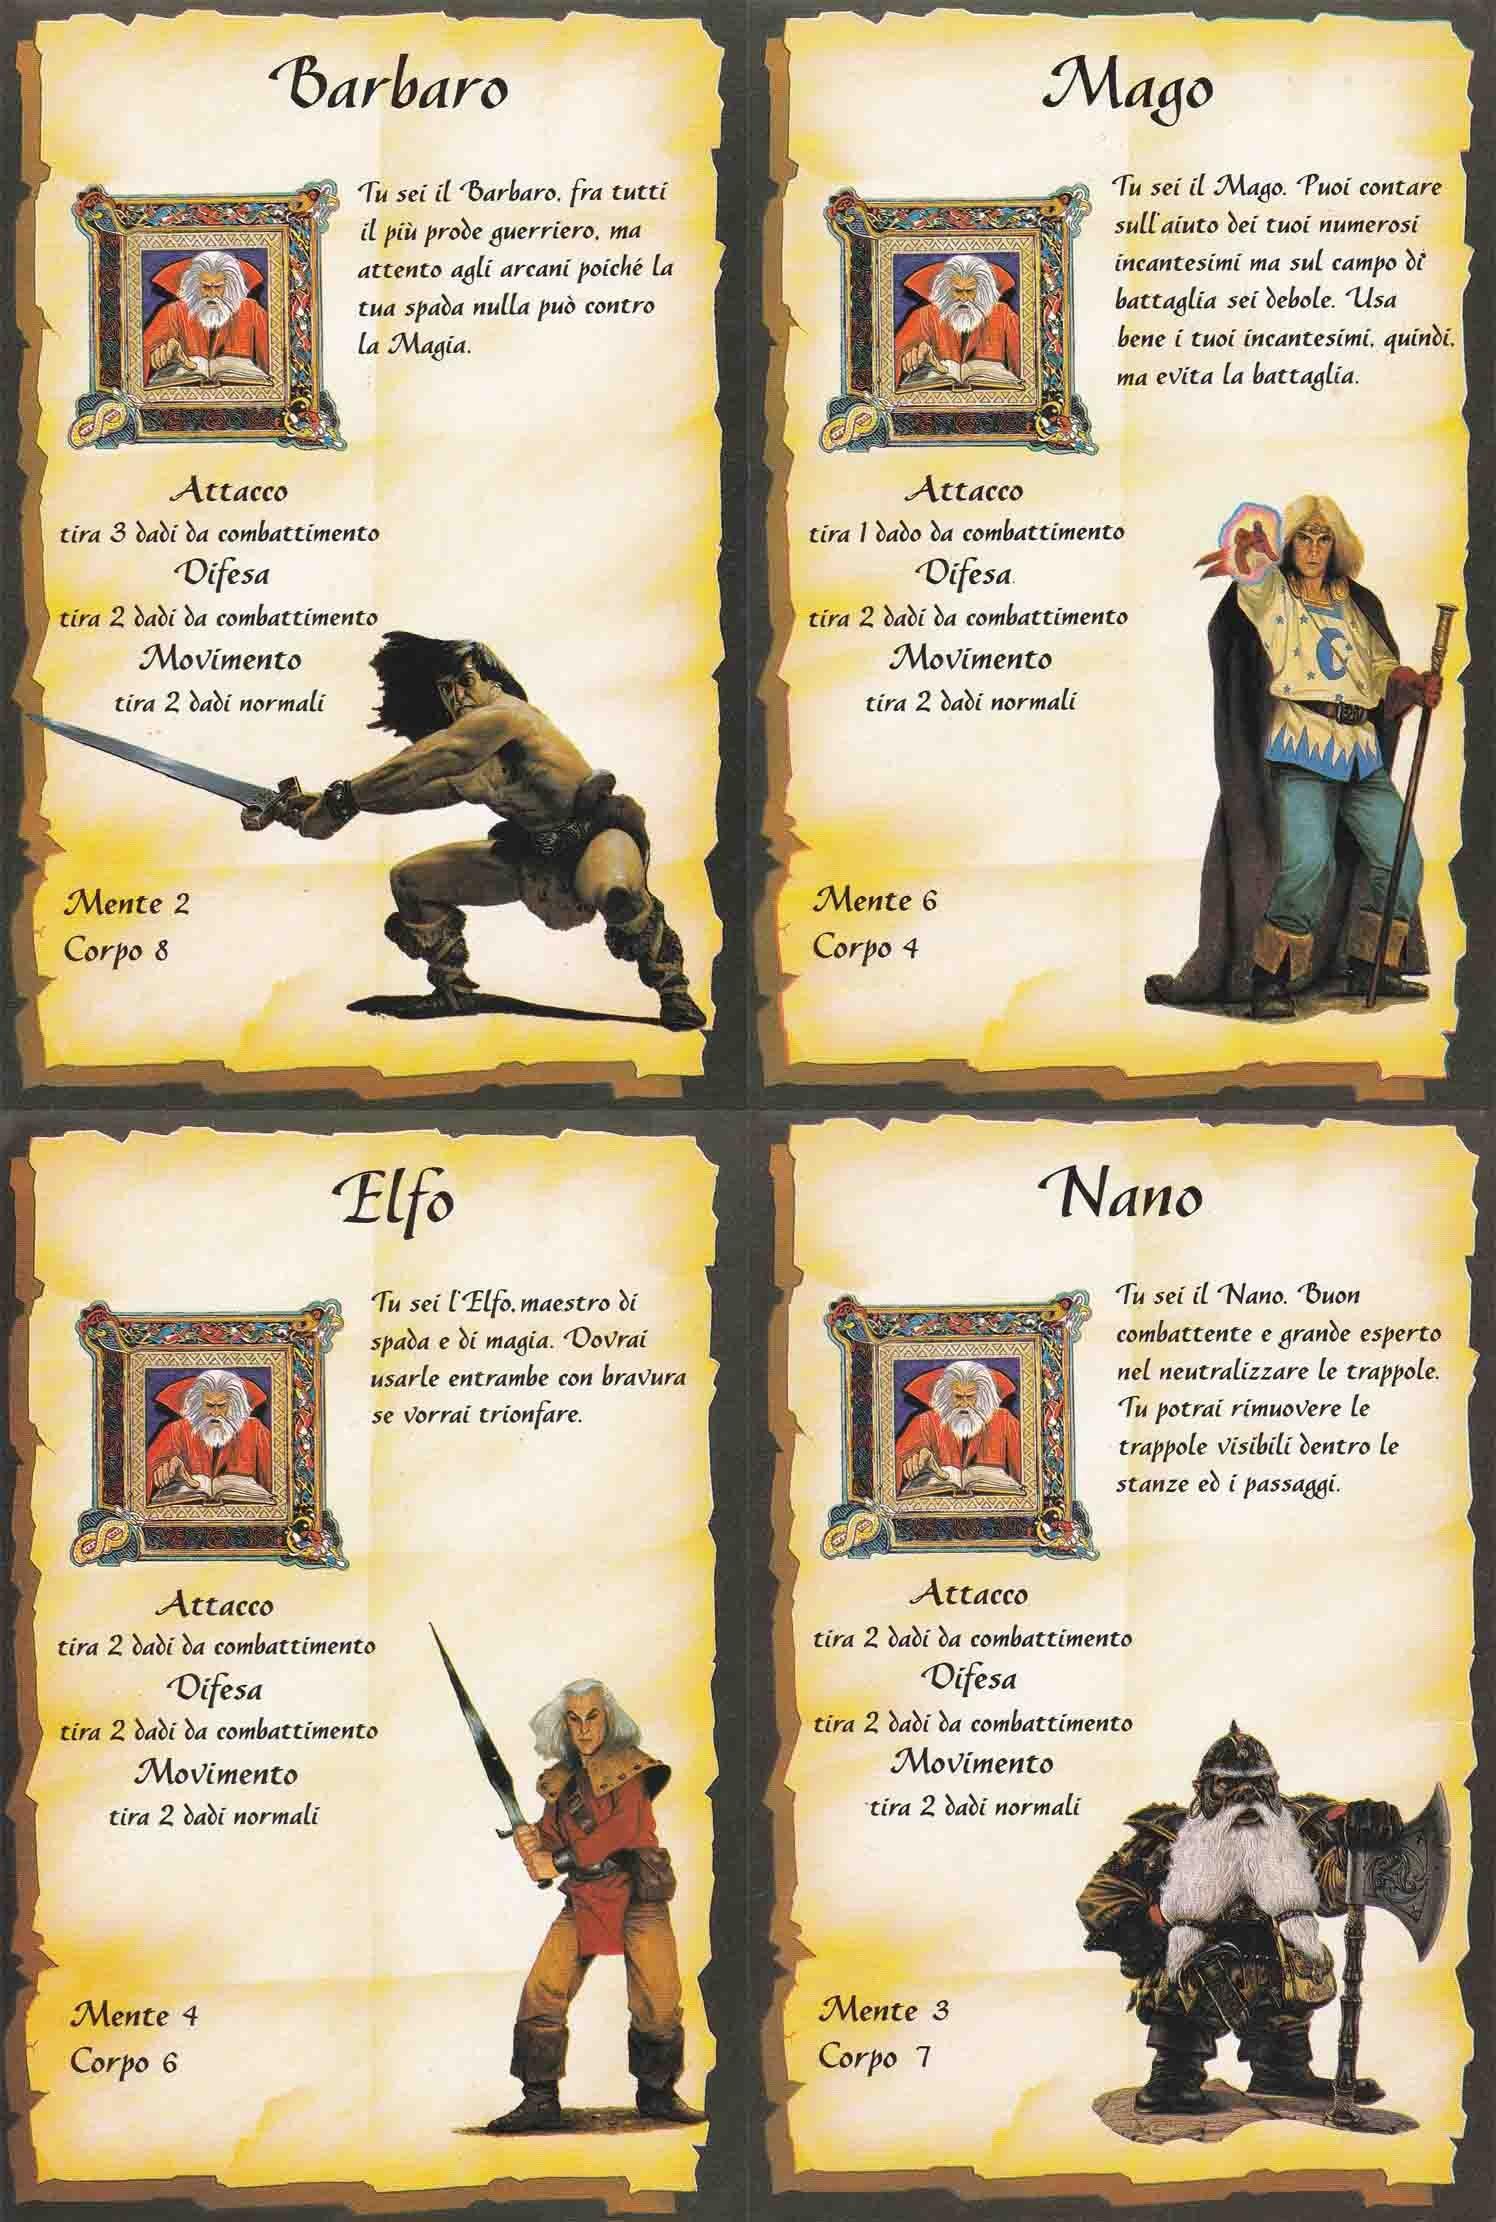 Schede Personaggi (scansione edizione italiana)